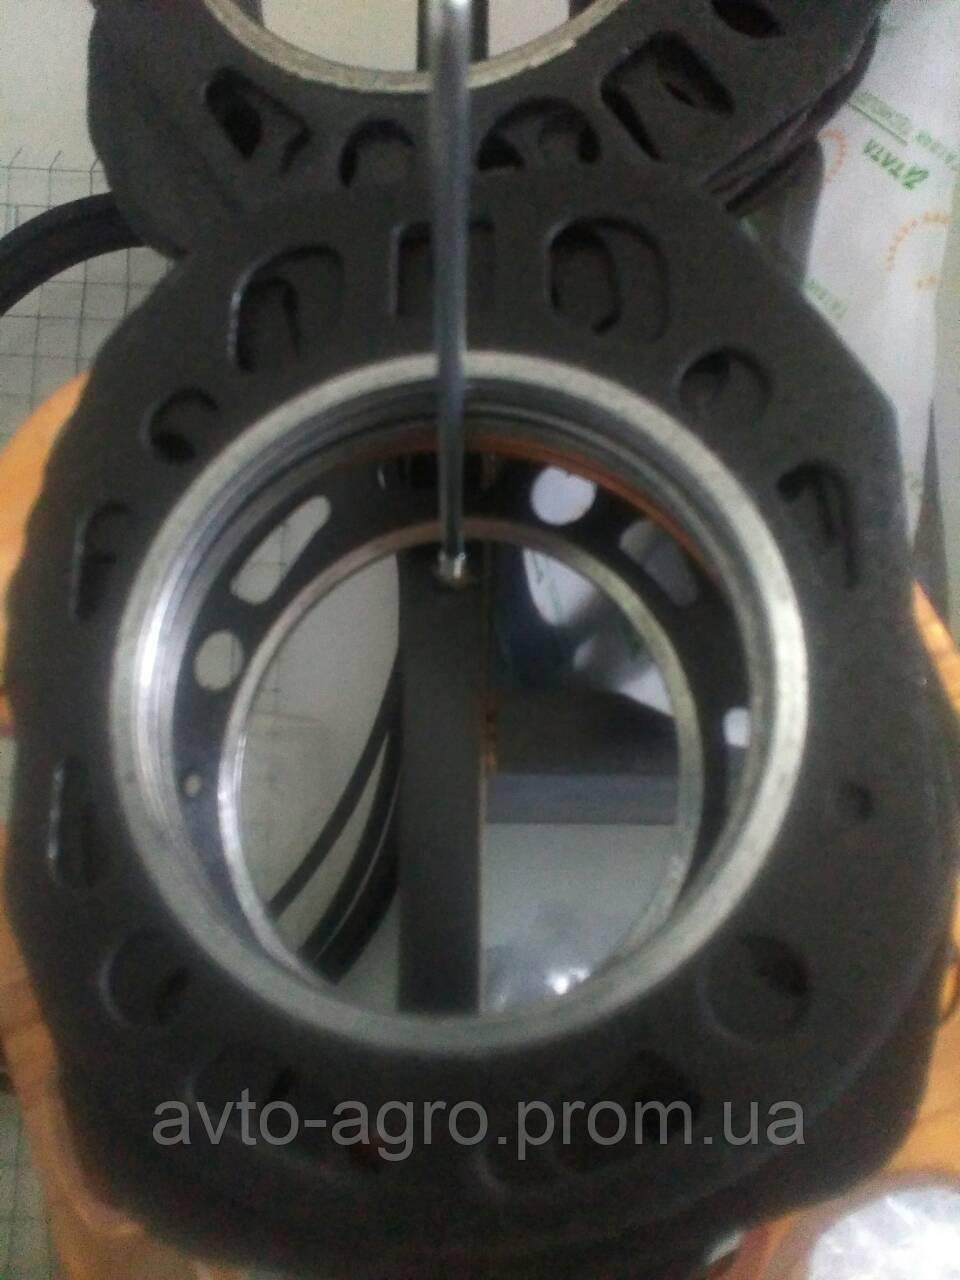 Прокладка головки блока циліндрів мотоблока 8 к.с. R180